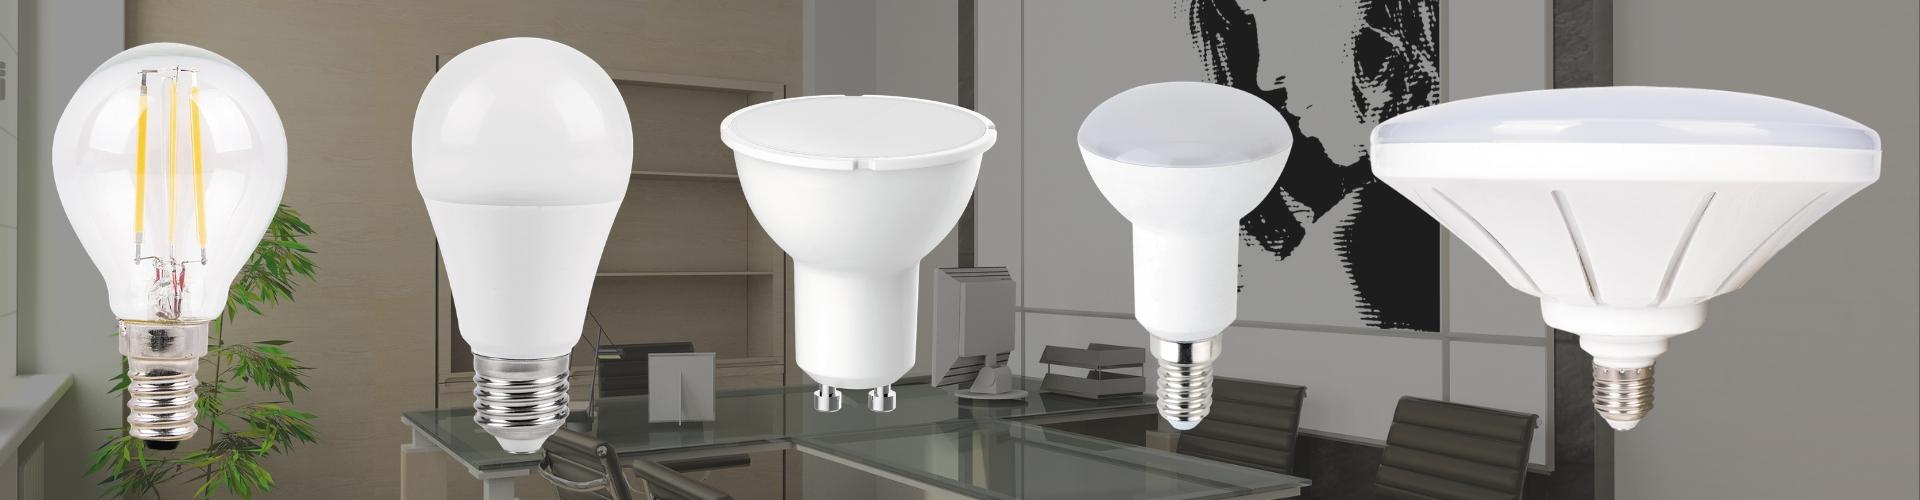 LED elektros lemputės